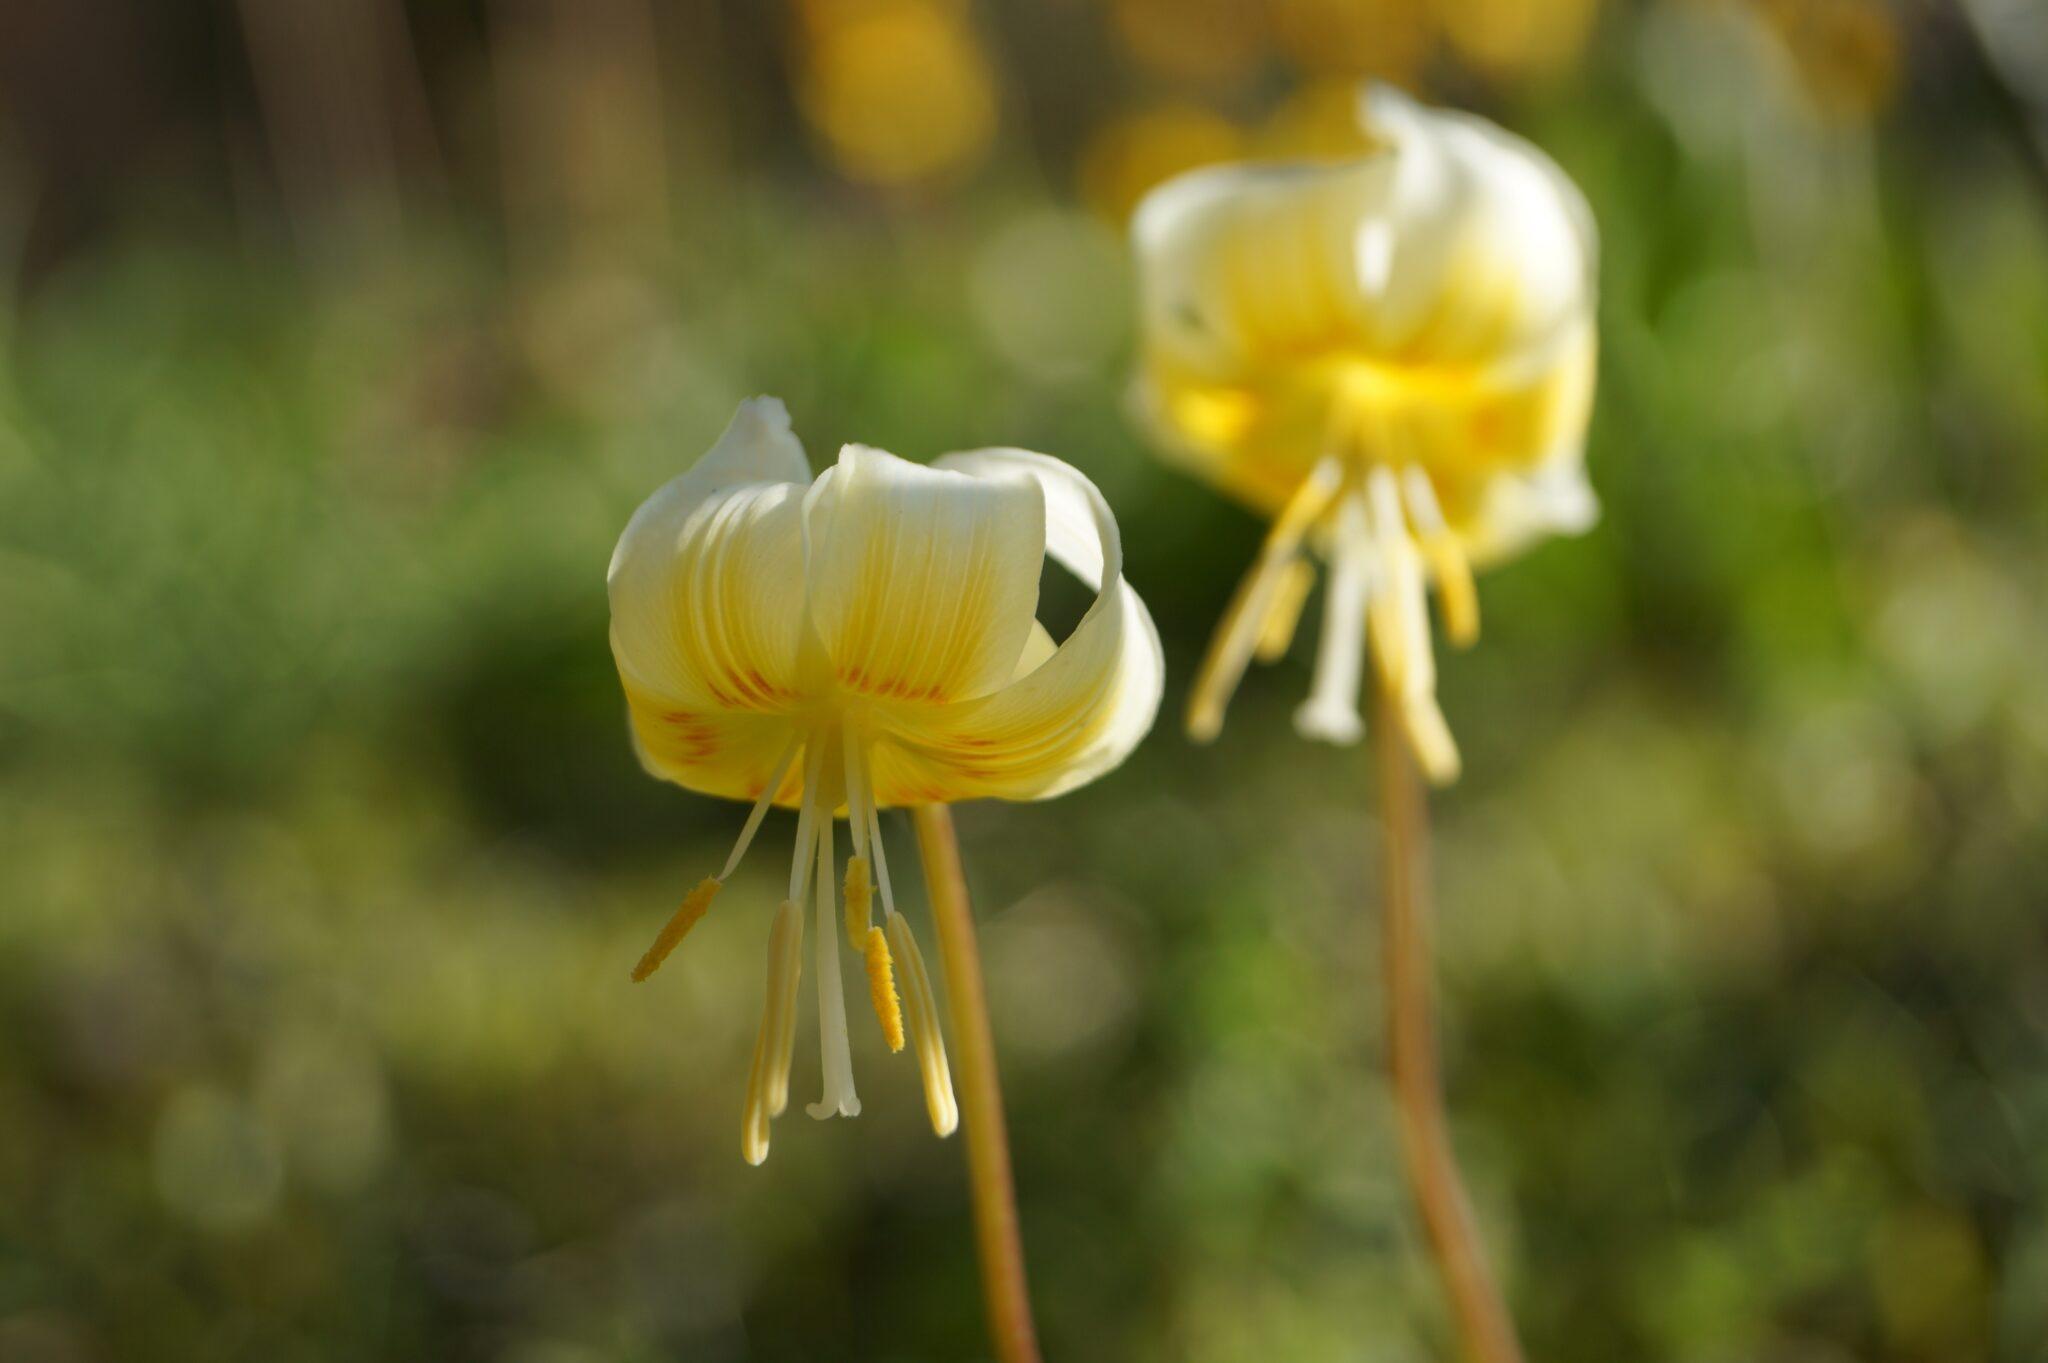 erythronium_craigton_cream_morlas_plants